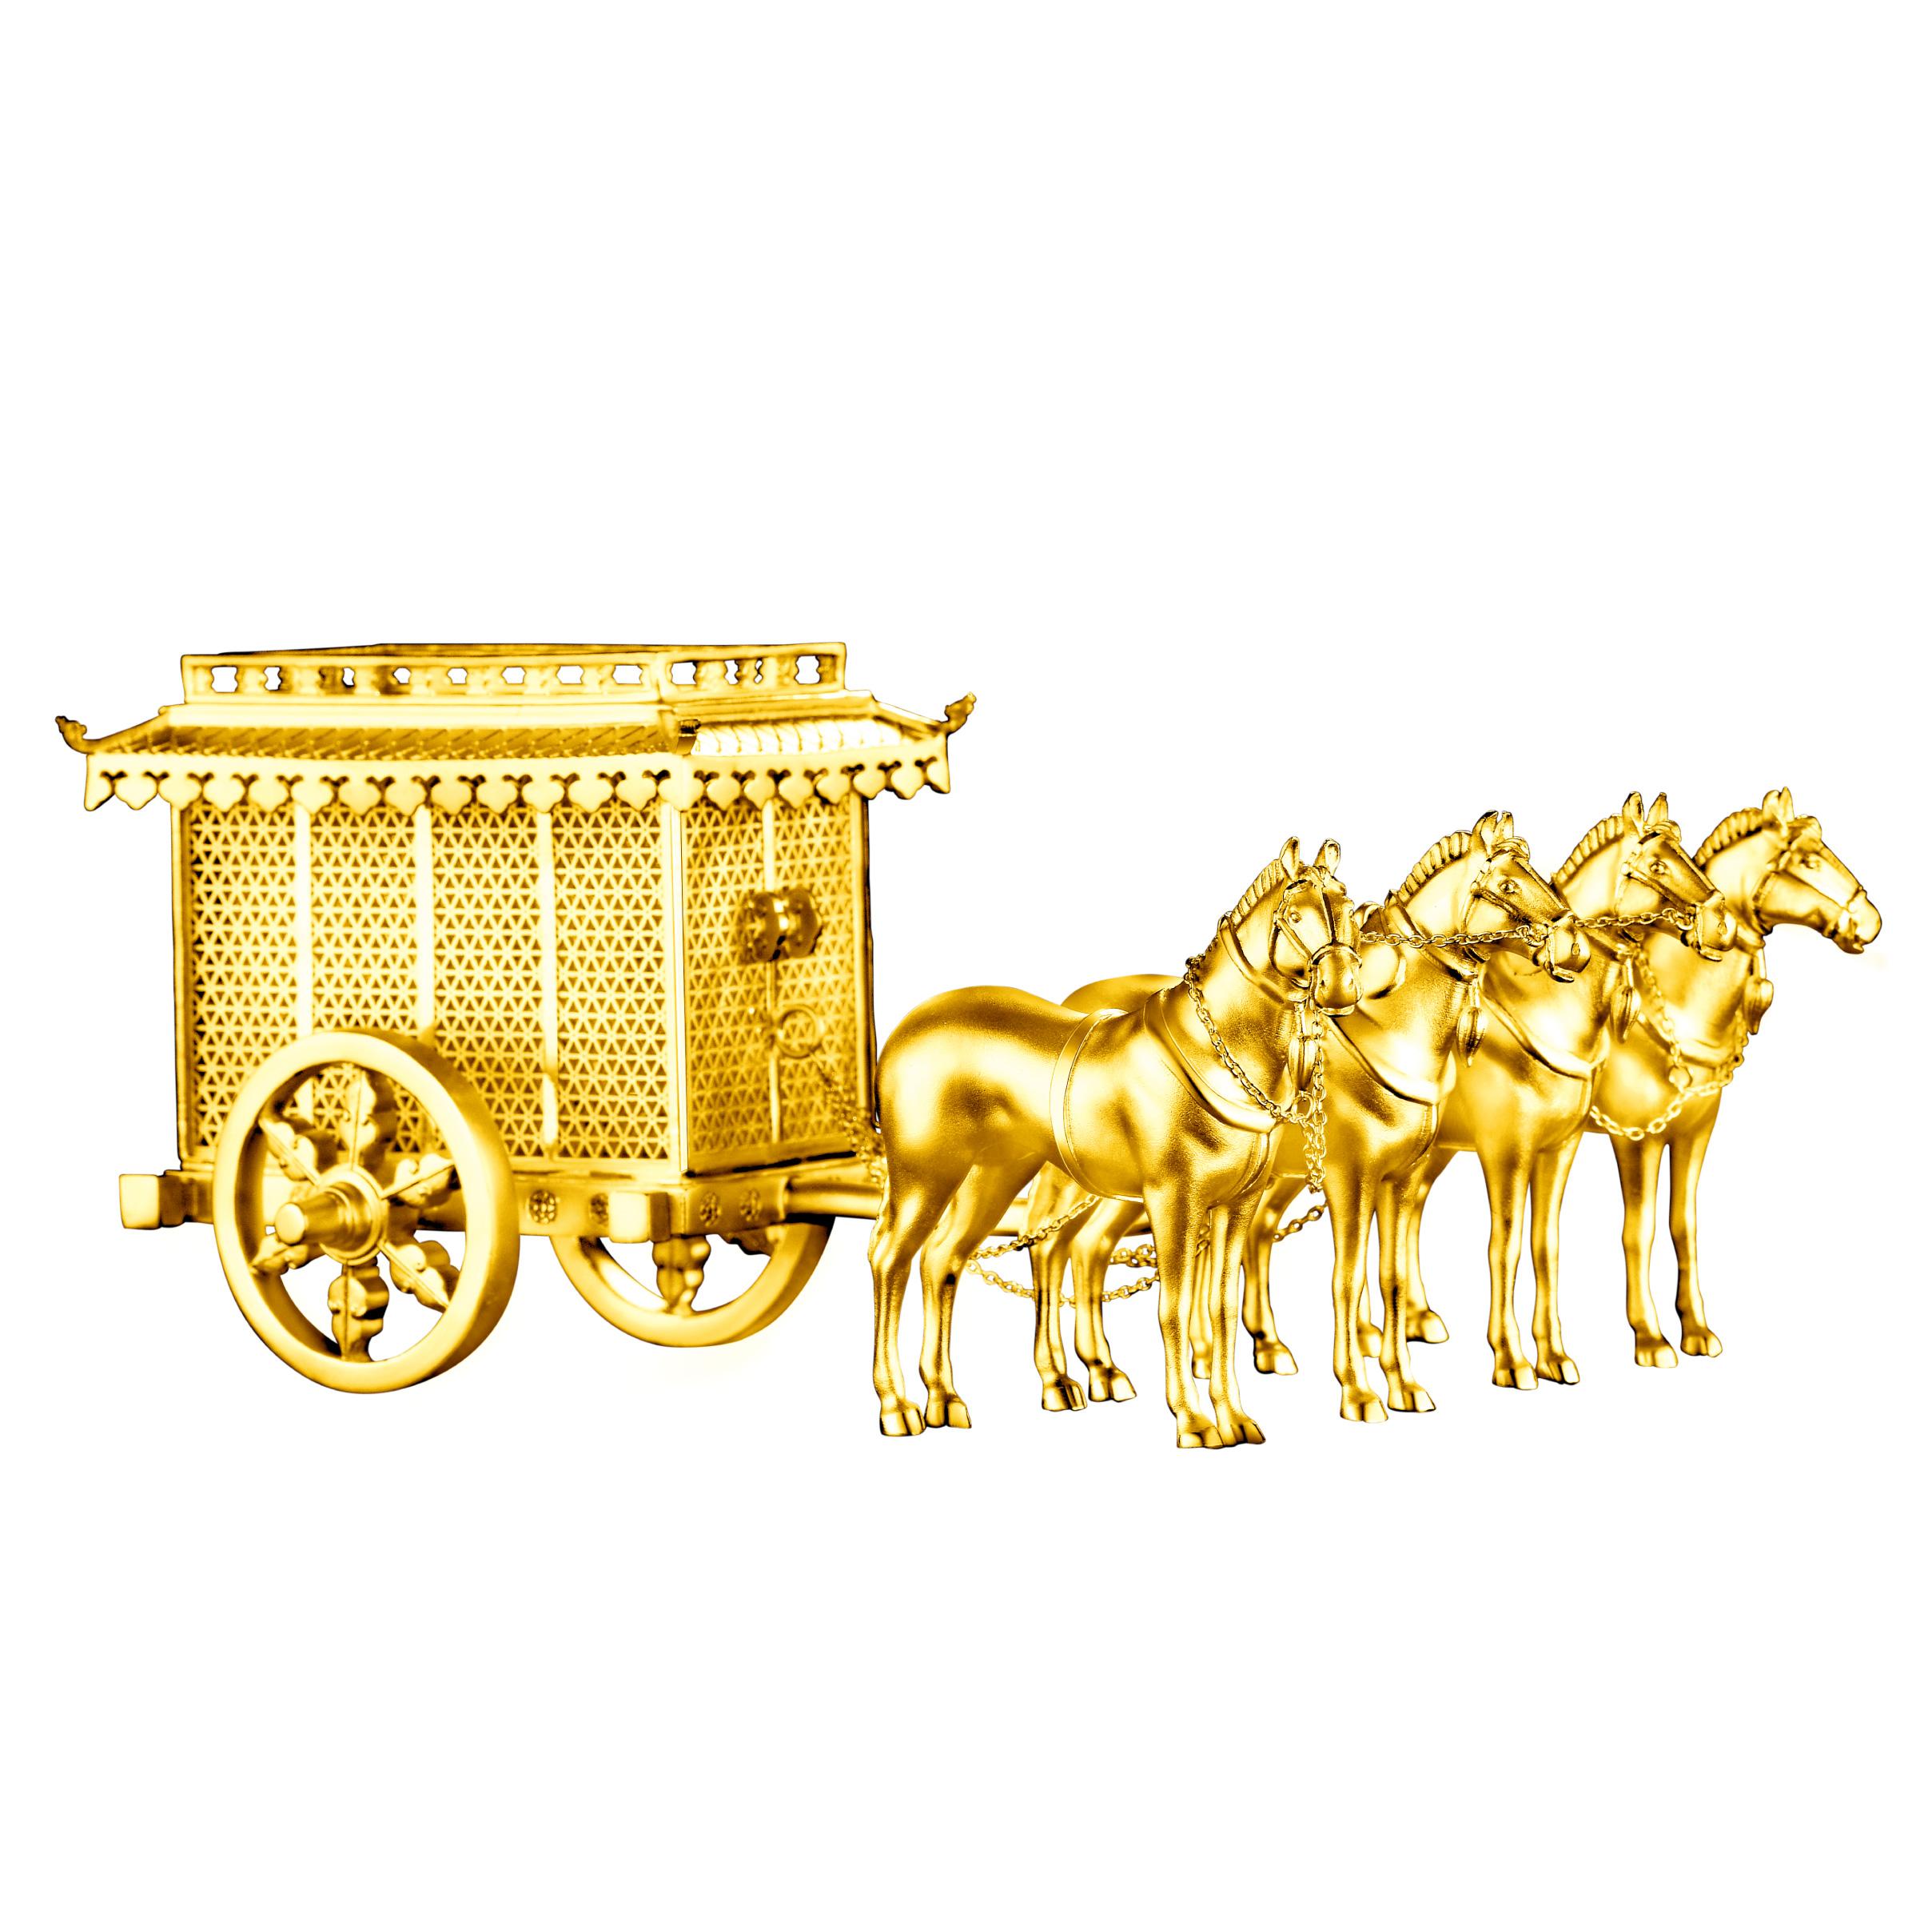 Antique Gold「藏福」Gold Ornaments